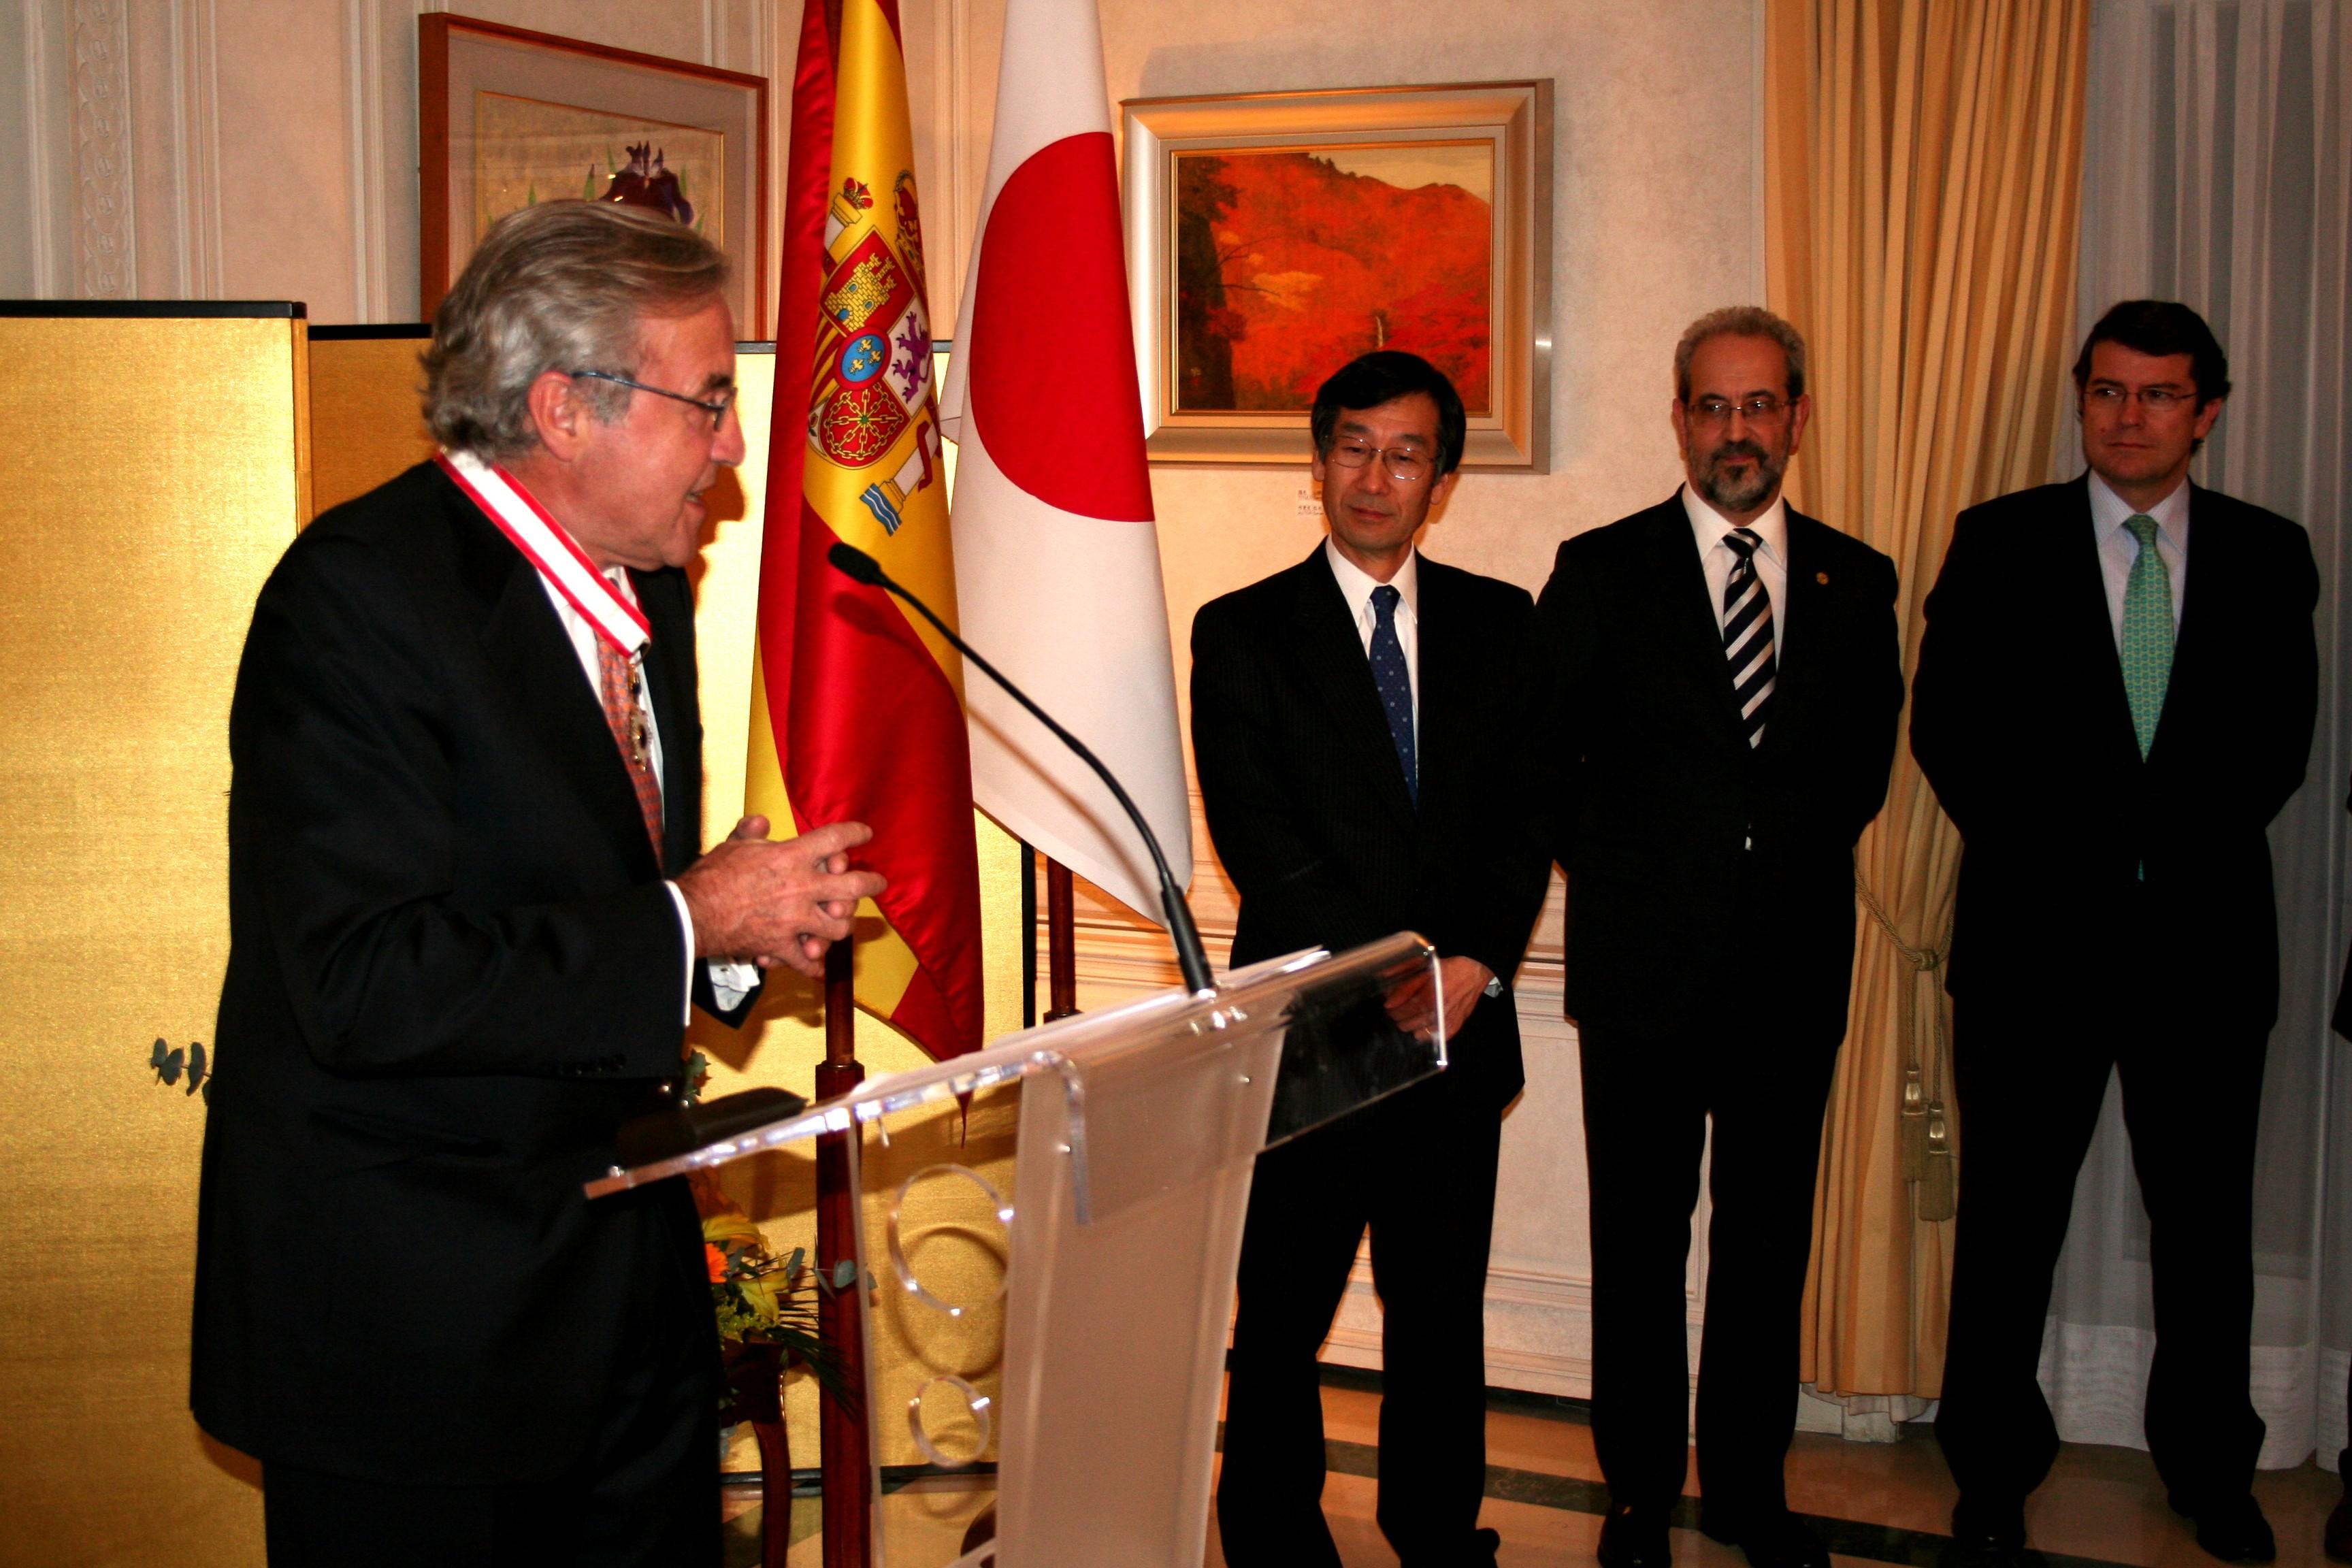 Ignacio Berdugo Gómez de la Torre recibe la condecoración de la 'Orden del Sol Naciente. Estrella de Oro y Plata'